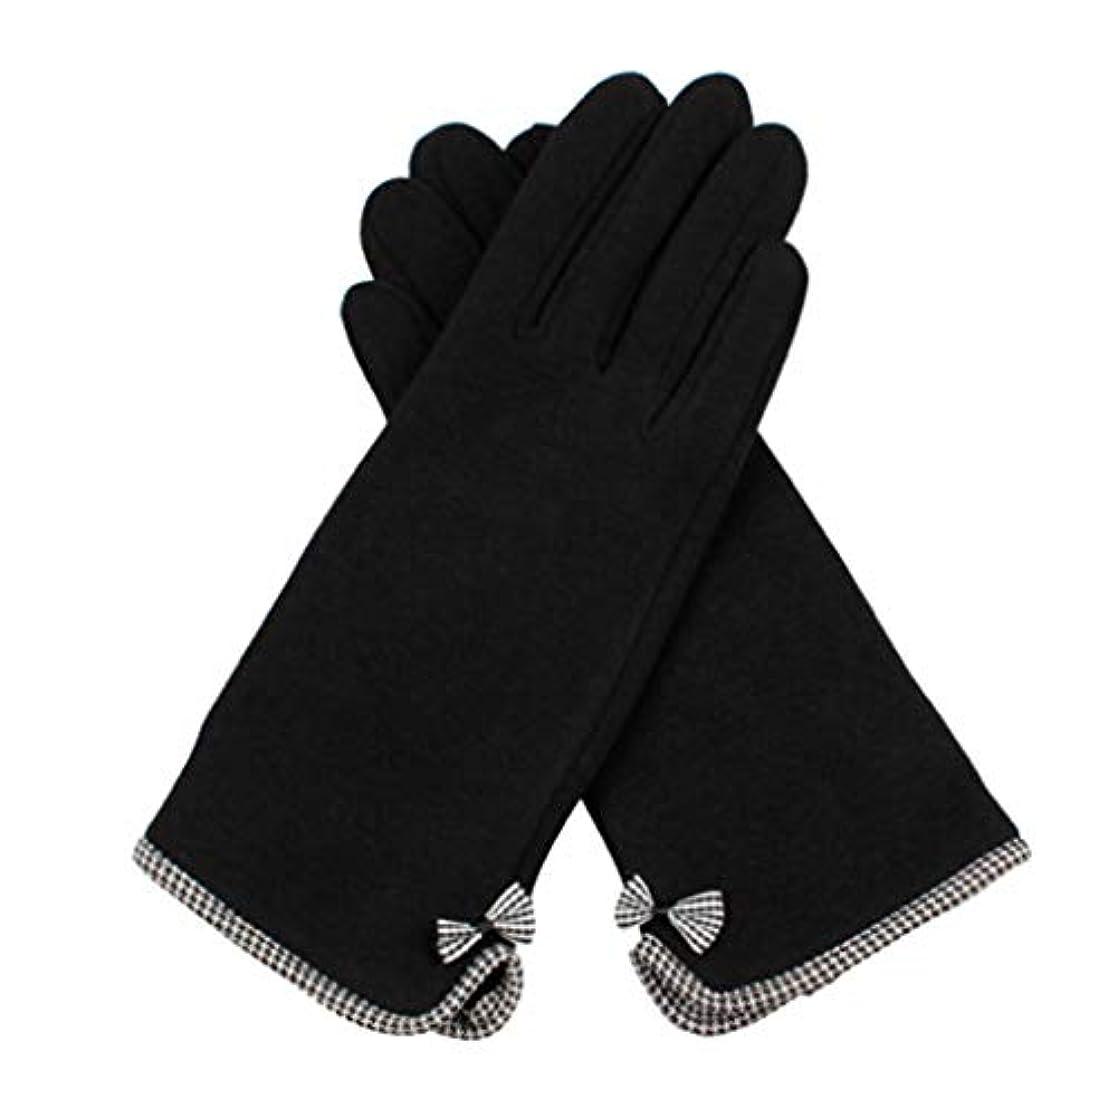 公泥だらけ責め手袋女性の冬暖かい韓国語版蝶の結び目の学生ファッションスリムサイクリング運転女性の手袋 (色 : 黒)